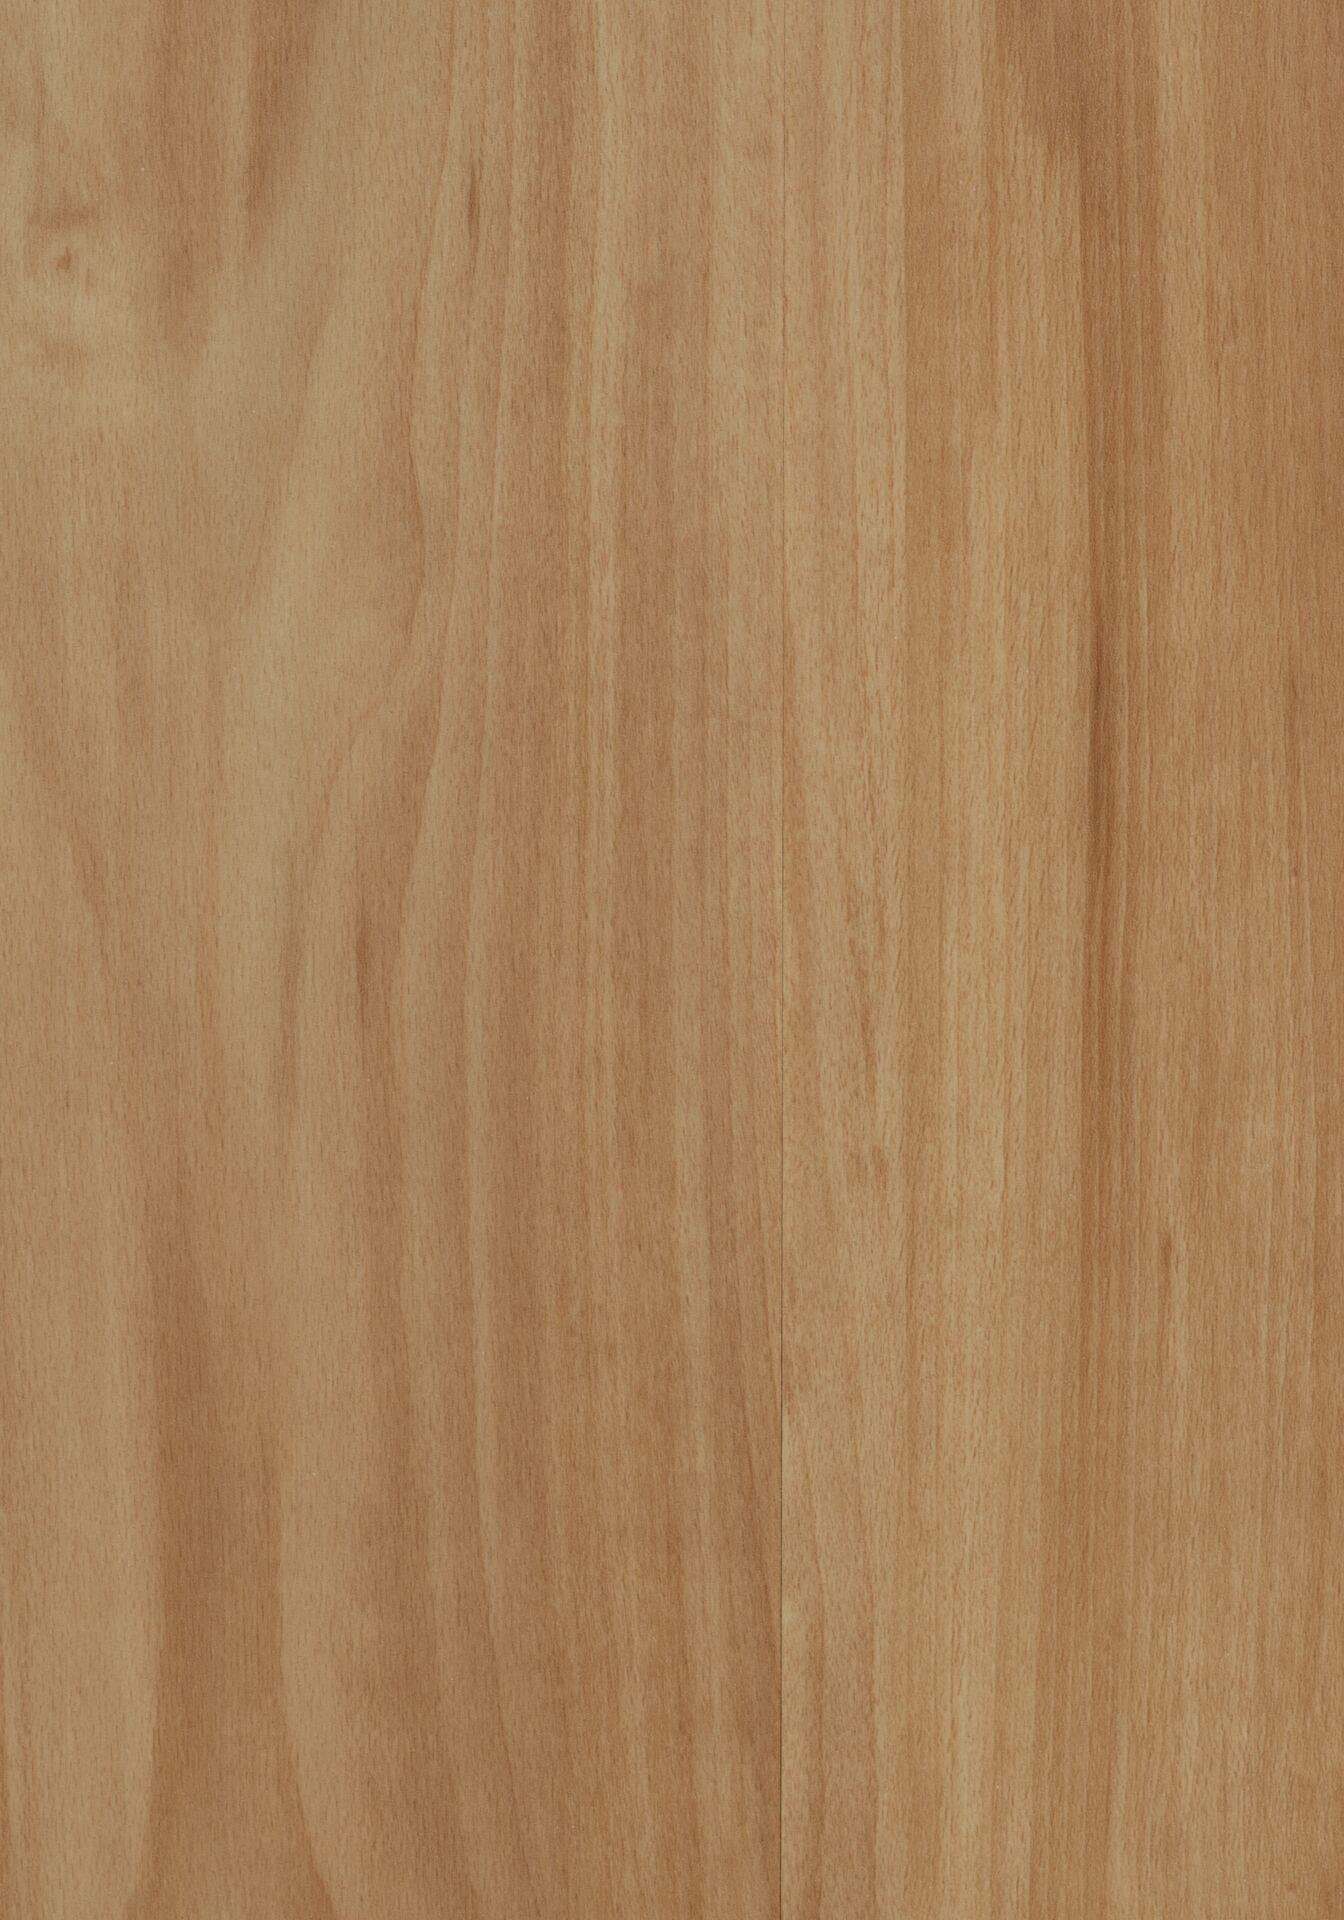 Vinylboden Classic Beech - Buchenholz Vinyl mit Schraffur – Jetzt kostenloses Muster bestellen!